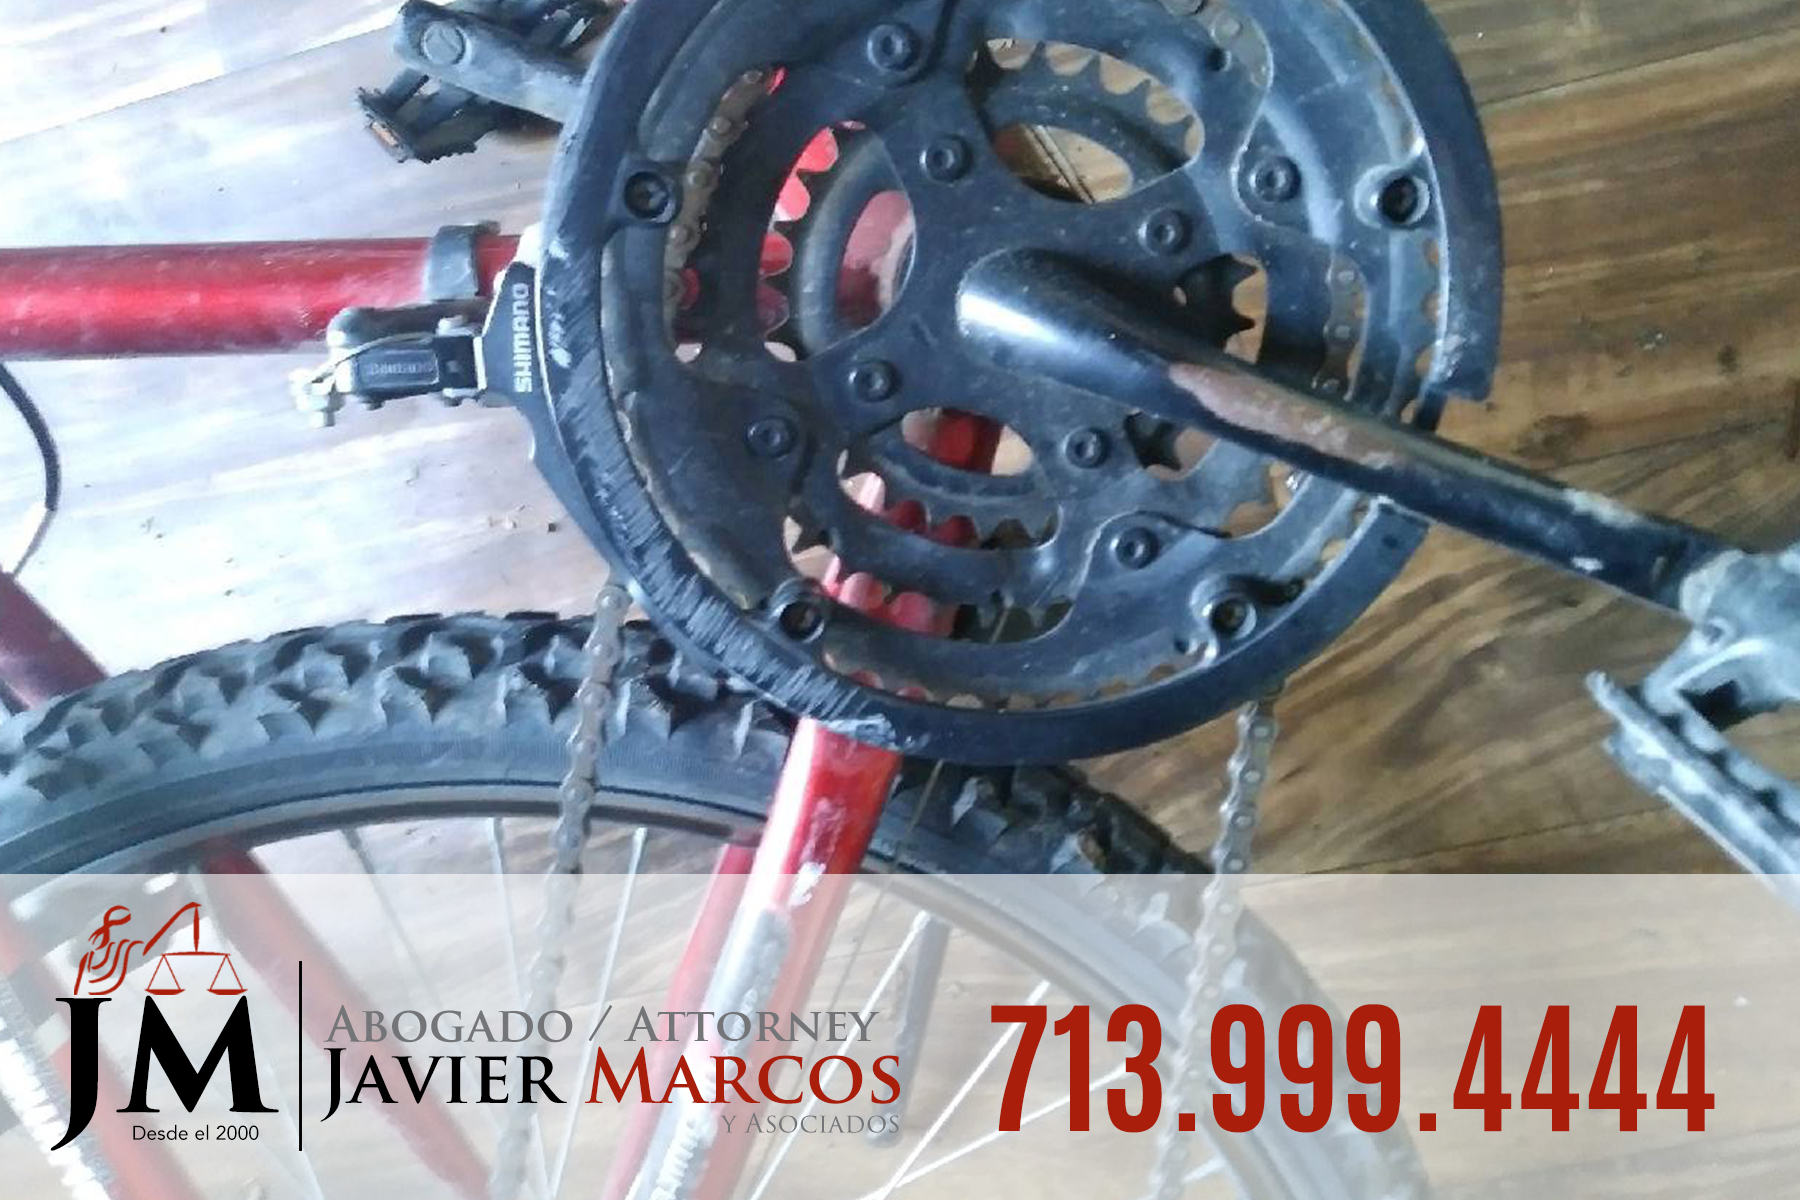 Abogado para accidente de bicicleta   Abogado Javier Marcos   713.999.4444